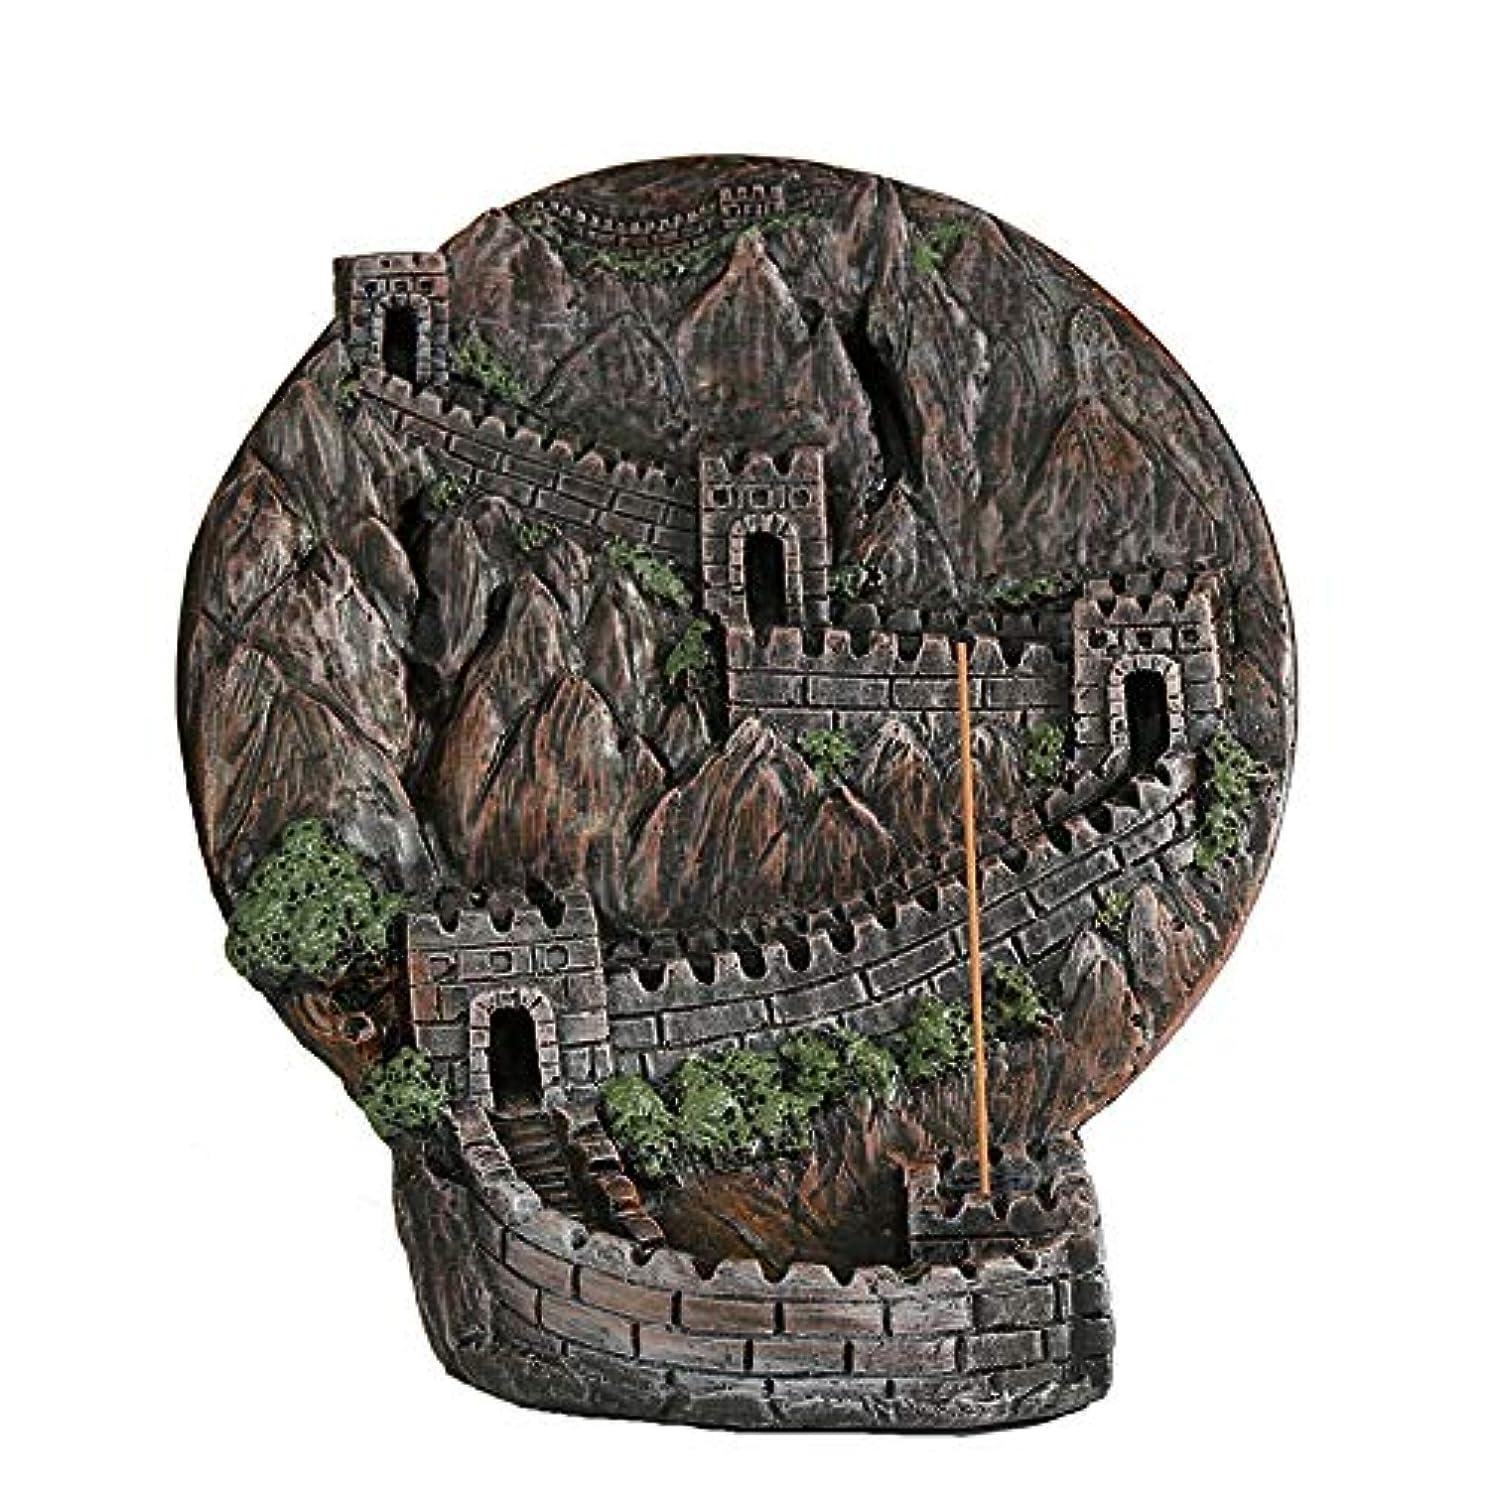 夜間比類のない彫刻PHILOGOD 香炉 ストーンパウダー万里の長城逆流香炉 香皿 クラフト飾りお香 ホルダー/香立て